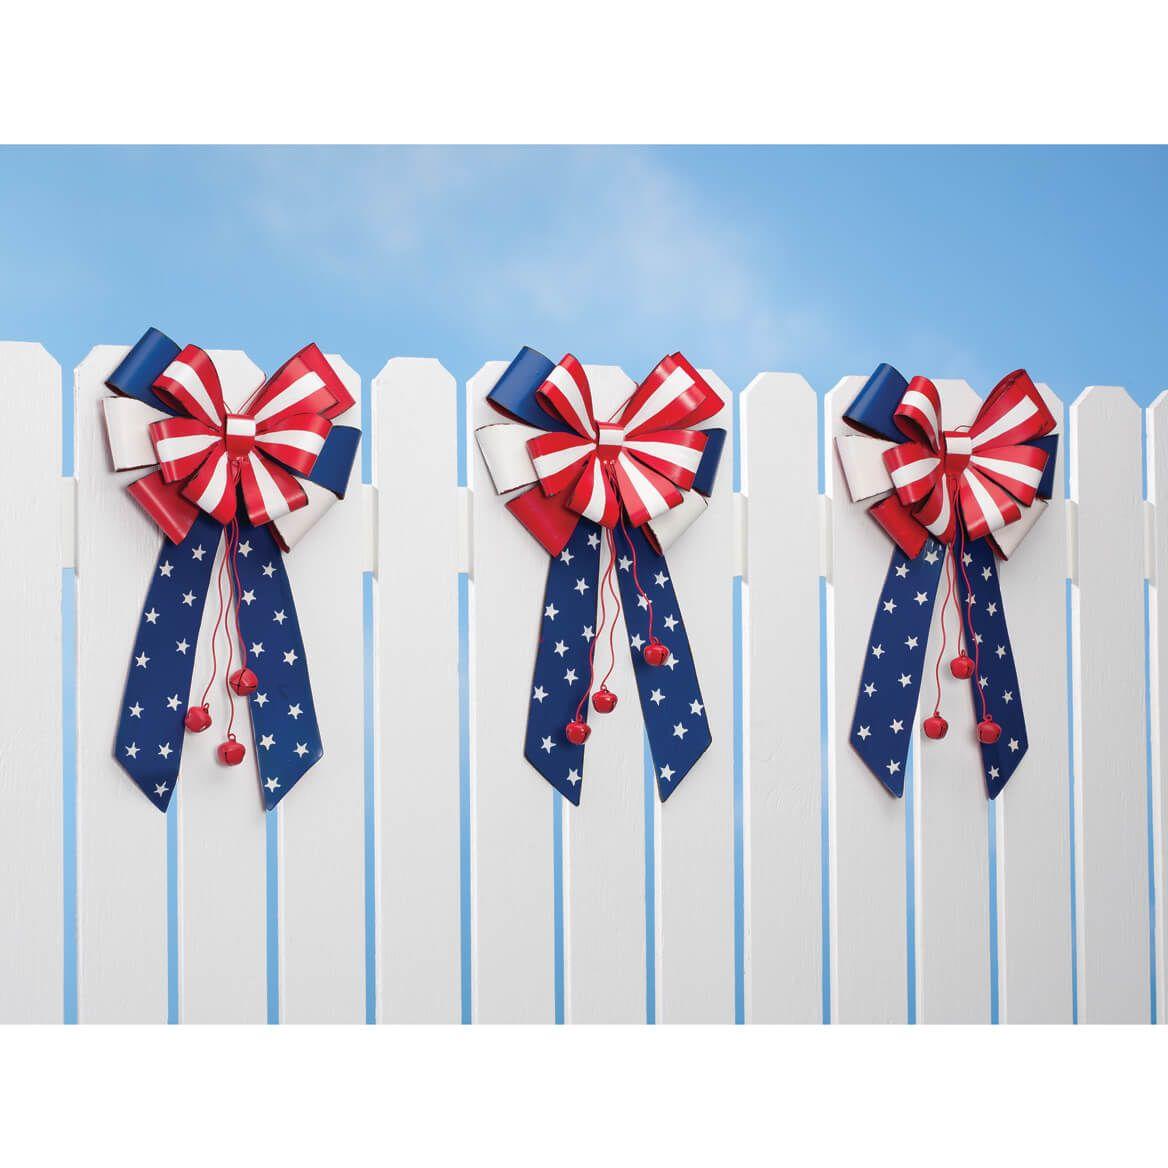 Patriotic Metal Bow Door Hanger by Fox River Creations™-348240